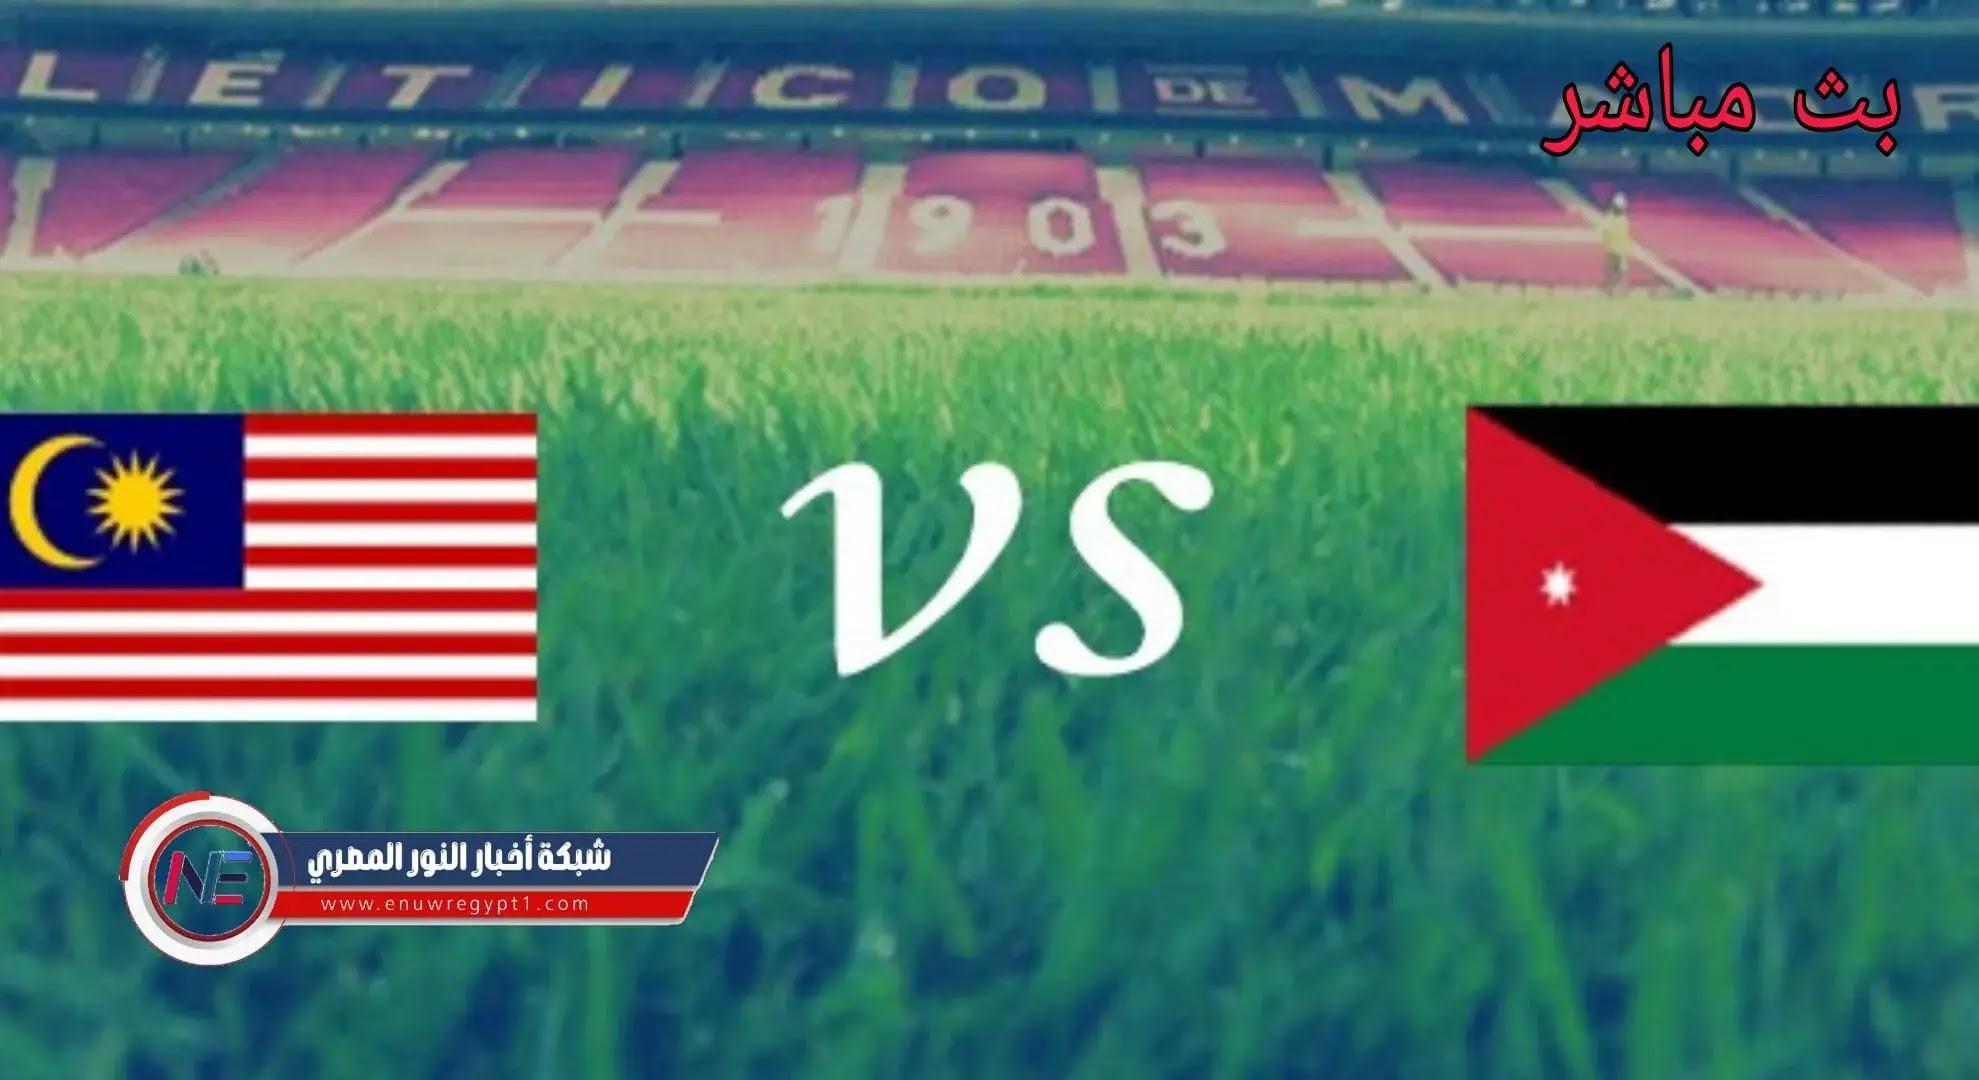 يلا شوت يوتيوب بث مباشر .. مشاهدة مباراة الاردن و ماليزيا بث مباشر اليوم 06-10-2021 في مباراة ودية